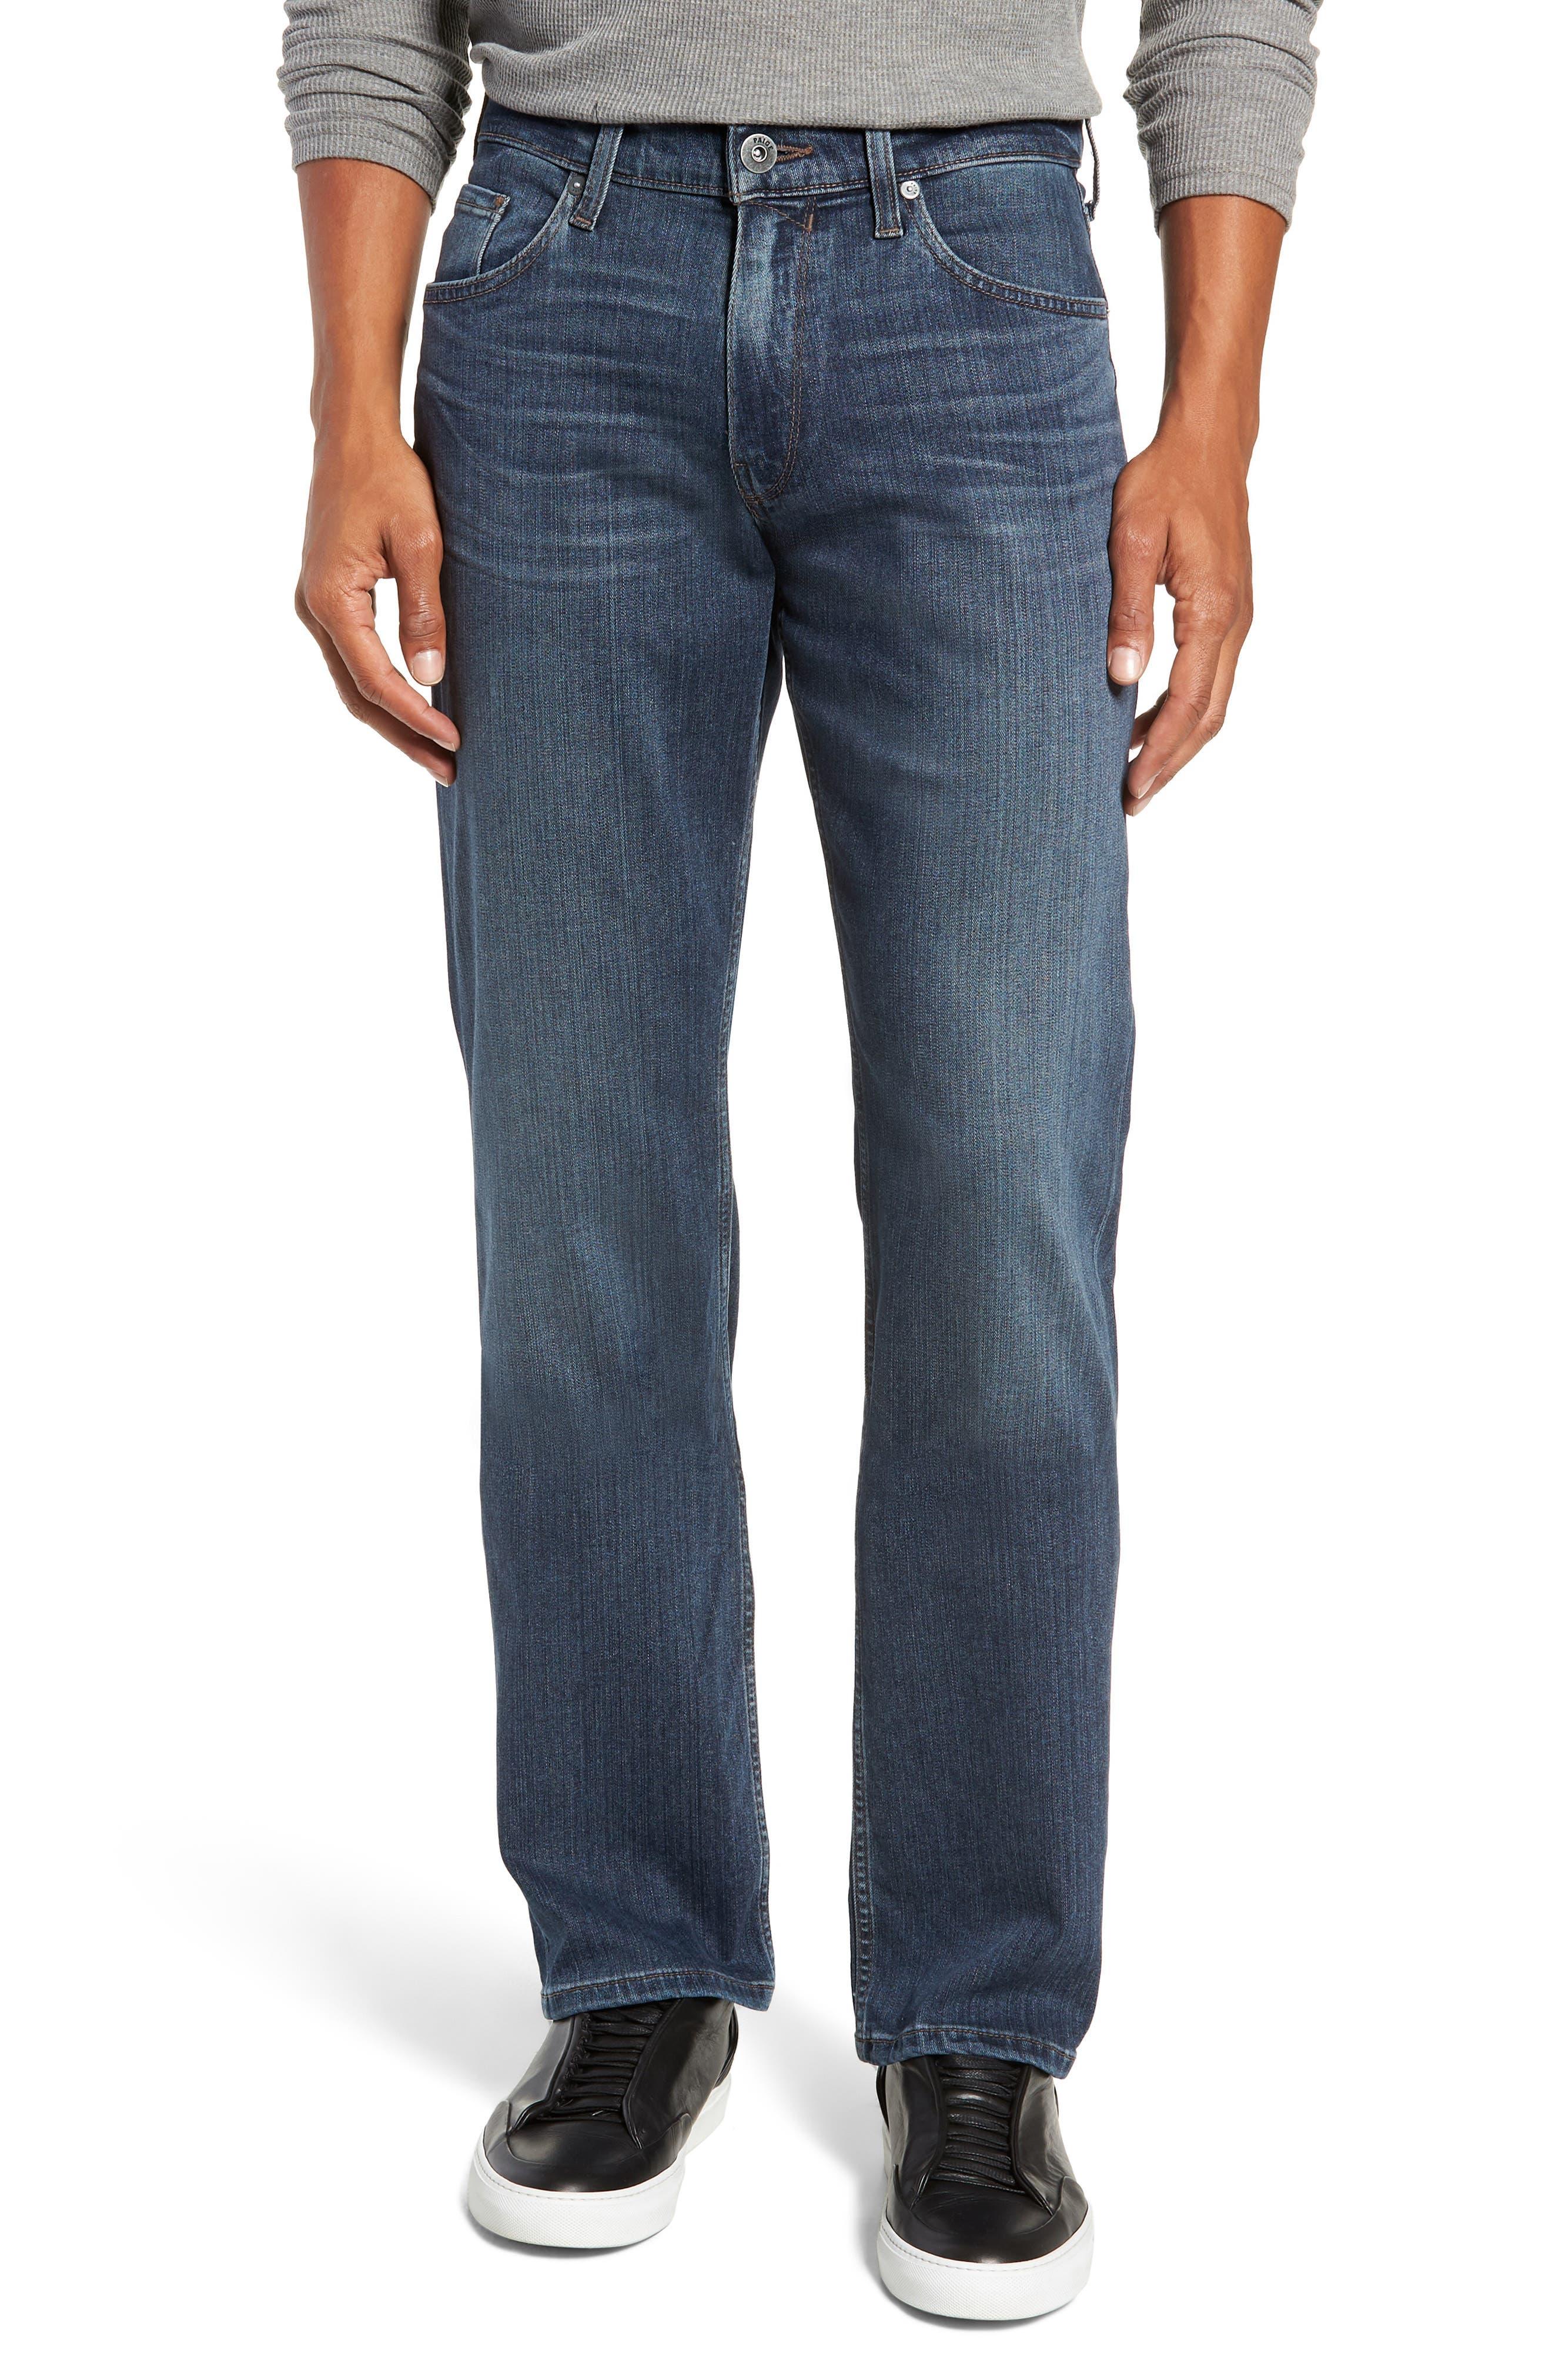 Transcend - Normandie Straight Leg Jeans,                             Main thumbnail 1, color,                             DILLON